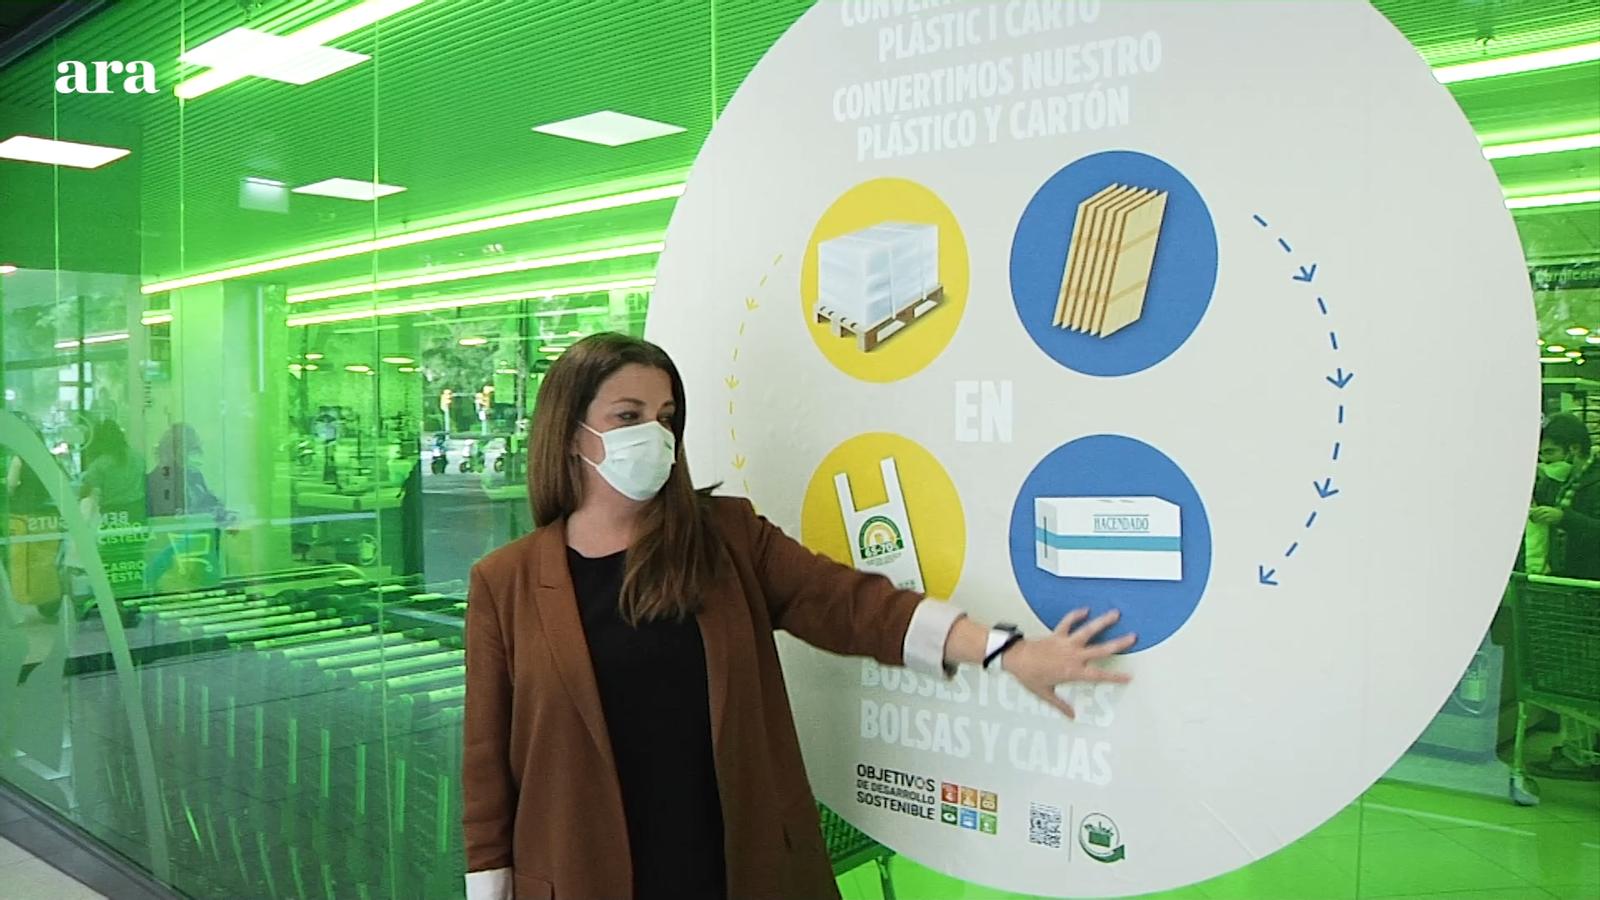 Com es es pot reduir el plàstic a les botigues? Amb el suport de Mercadona